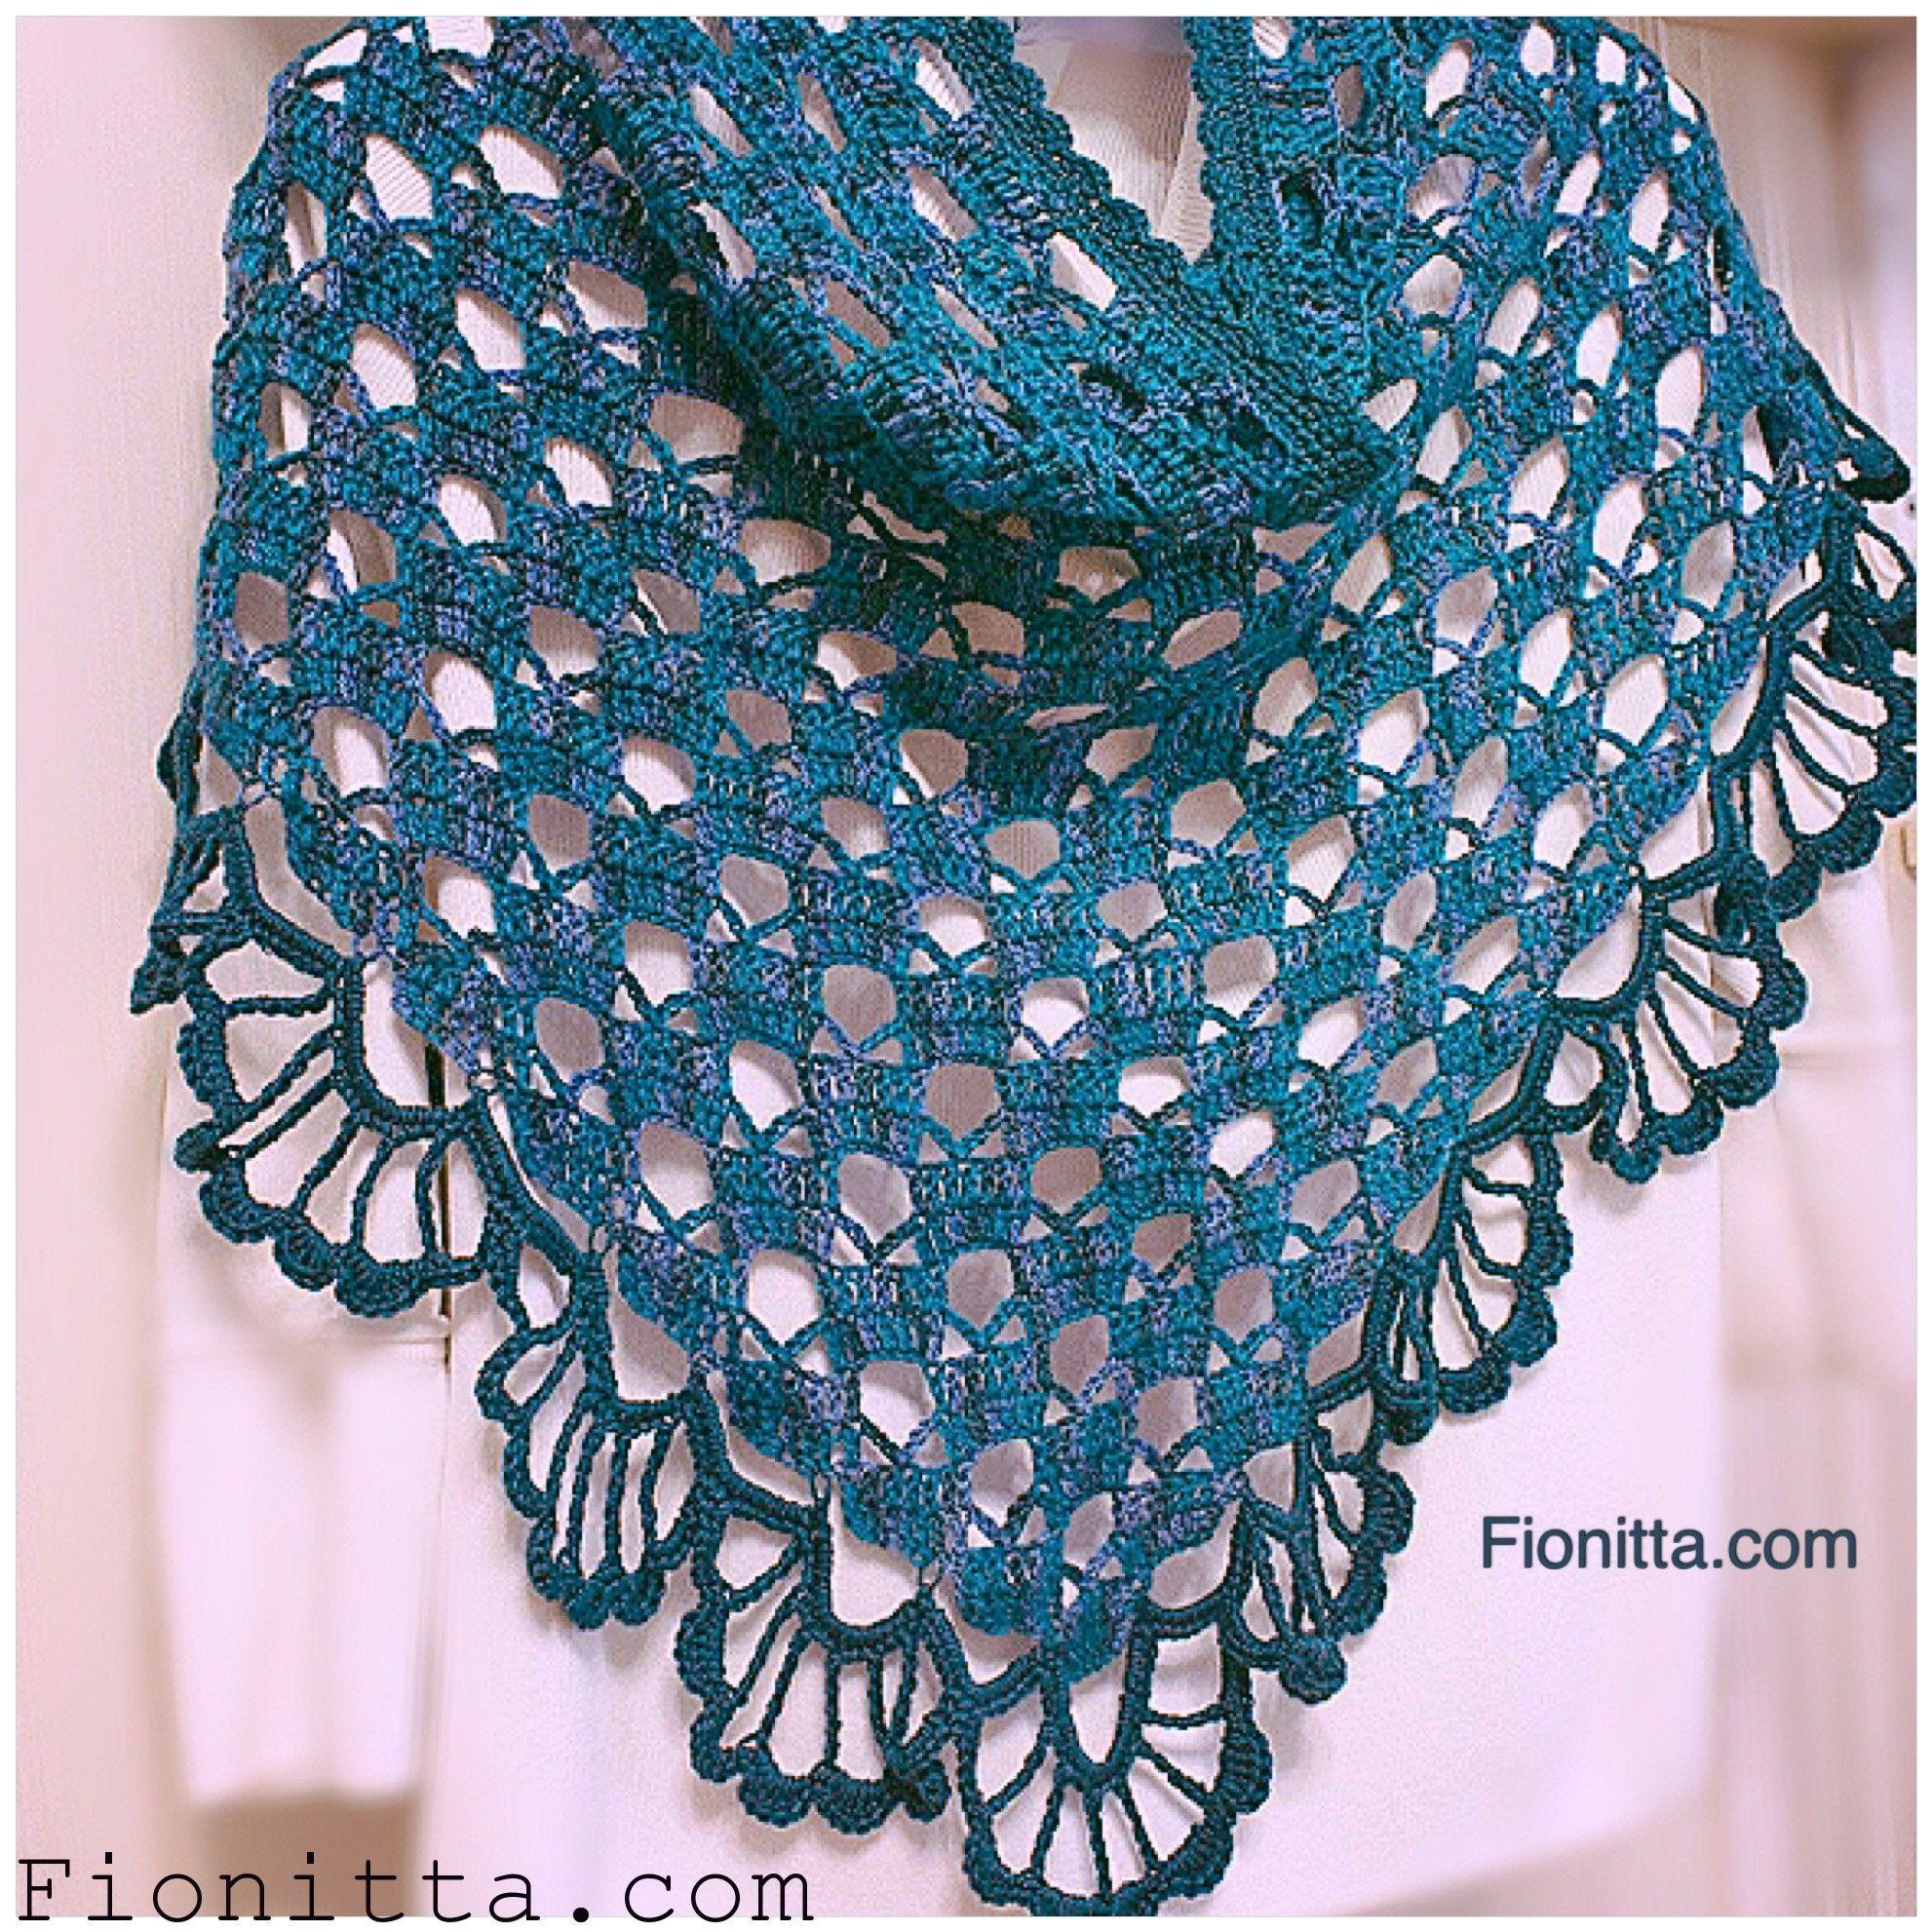 March Shawl By Fionitta - Free Crochet Diagram - (fionitta ...